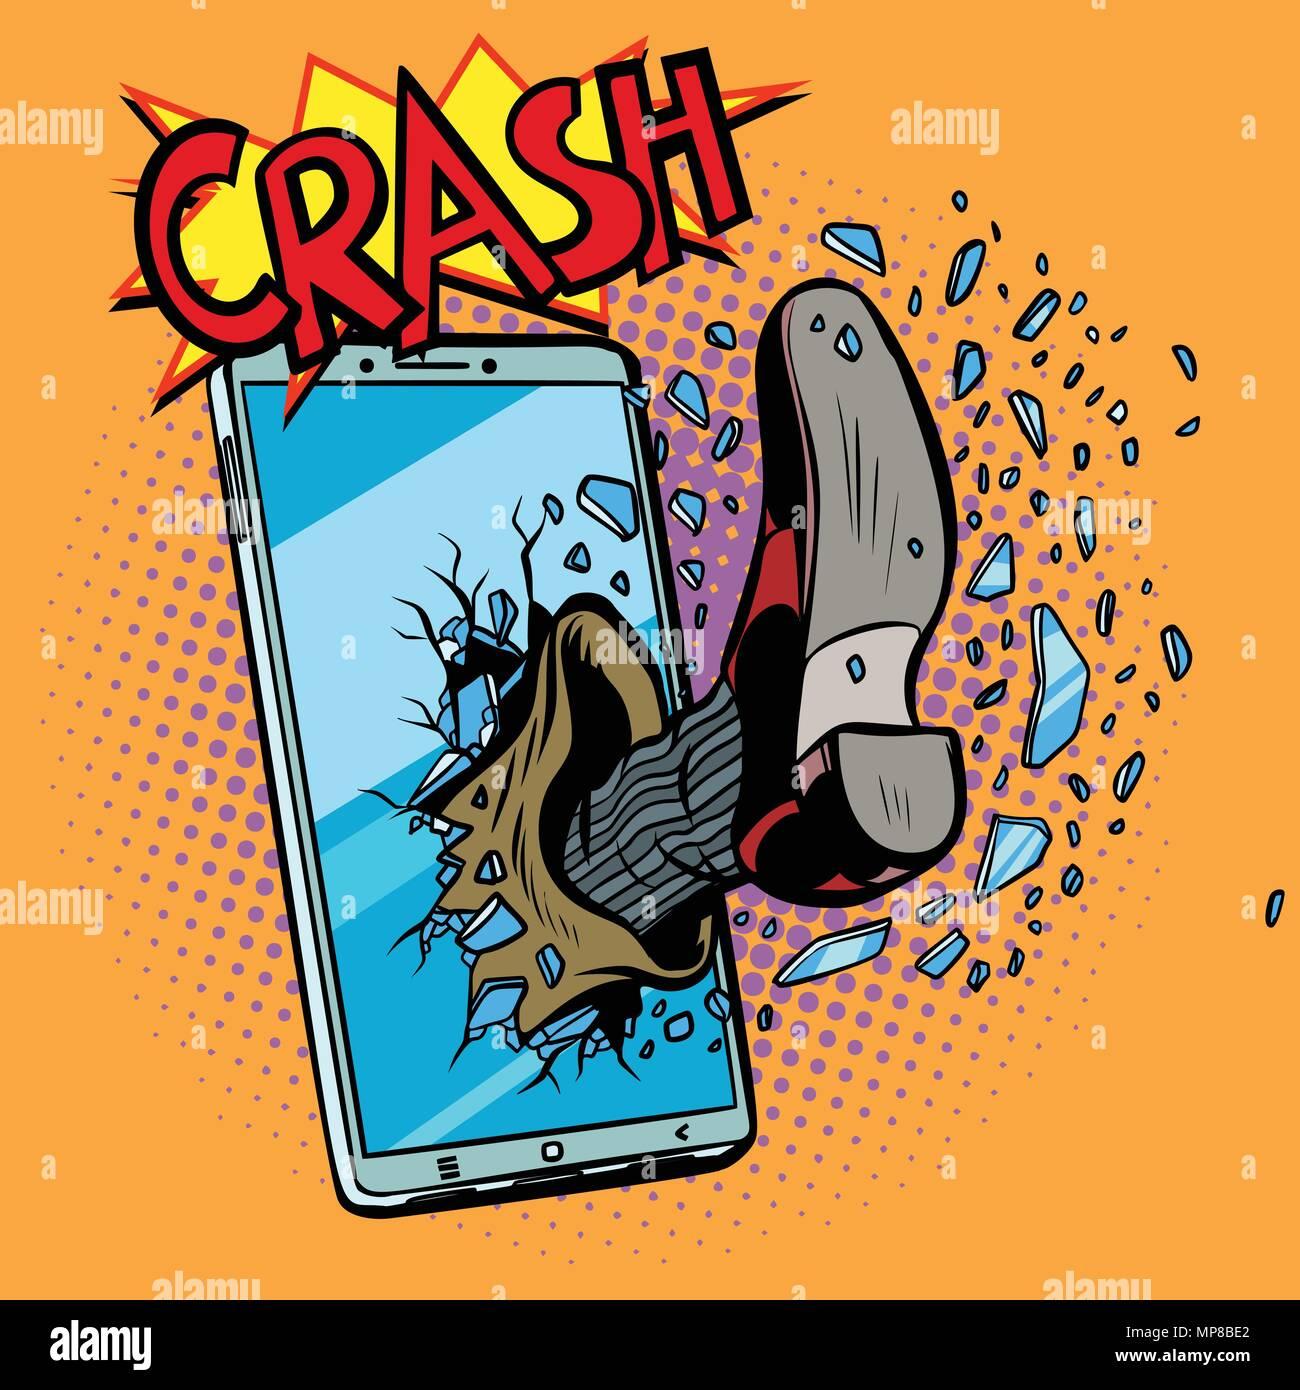 Hackear un dispositivo de telefonía móvil Imagen De Stock